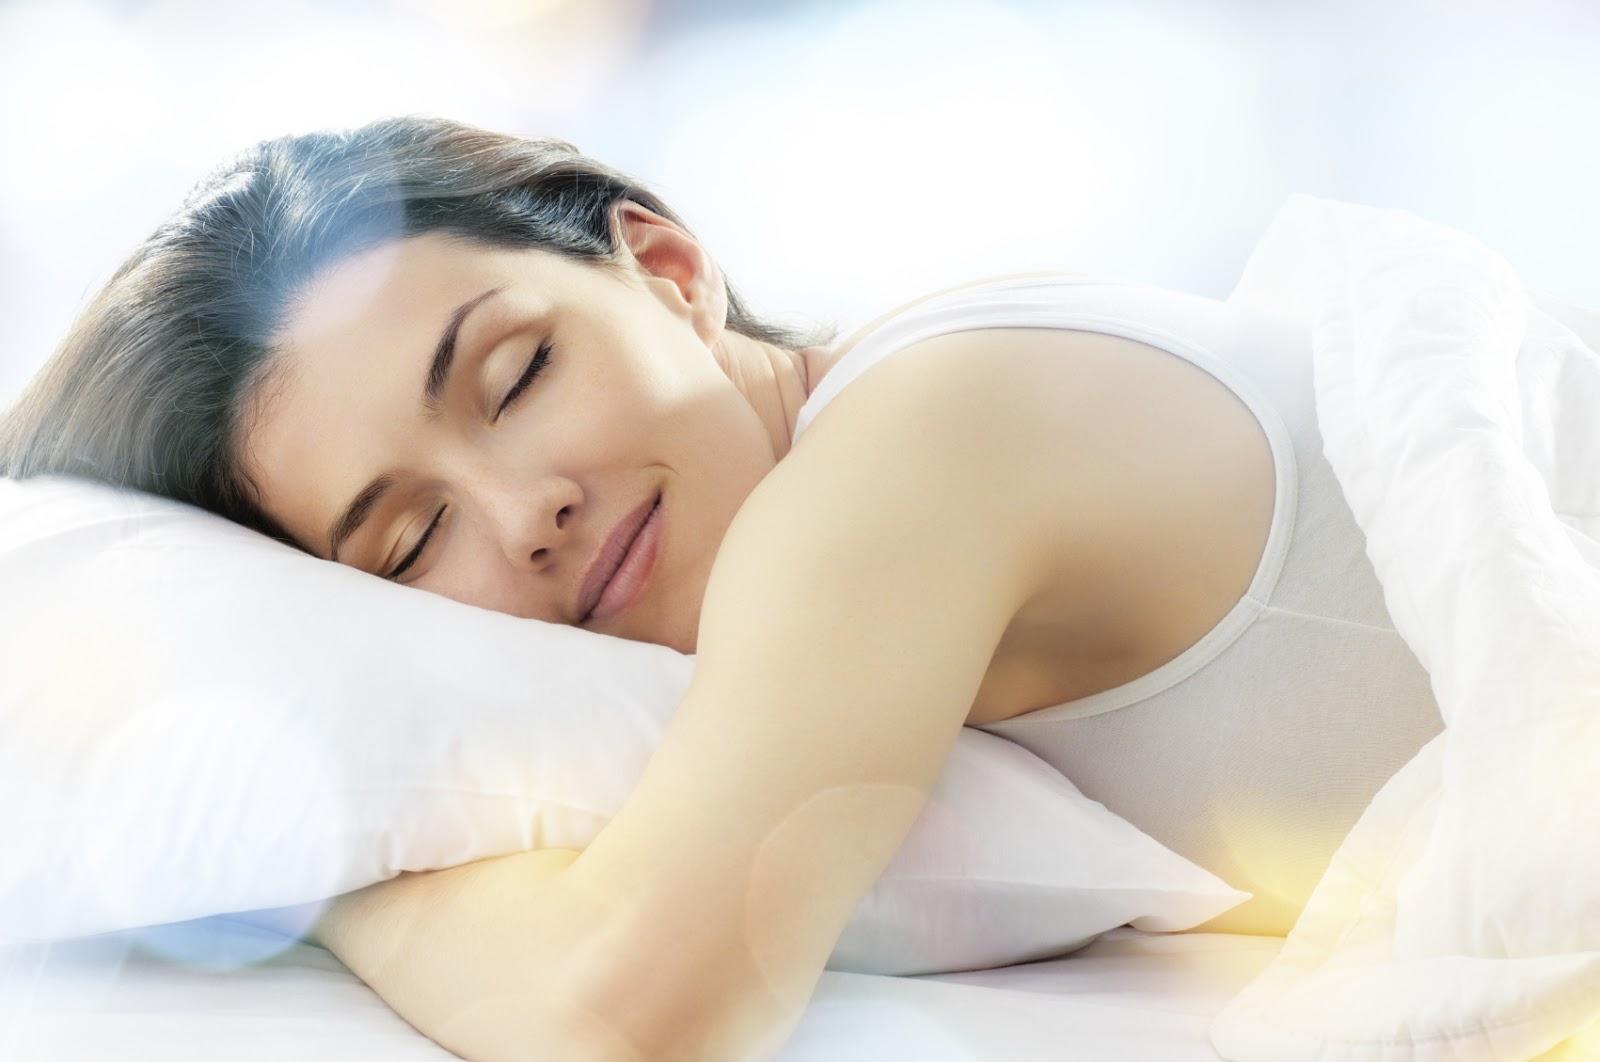 Como dormir bem no calor?